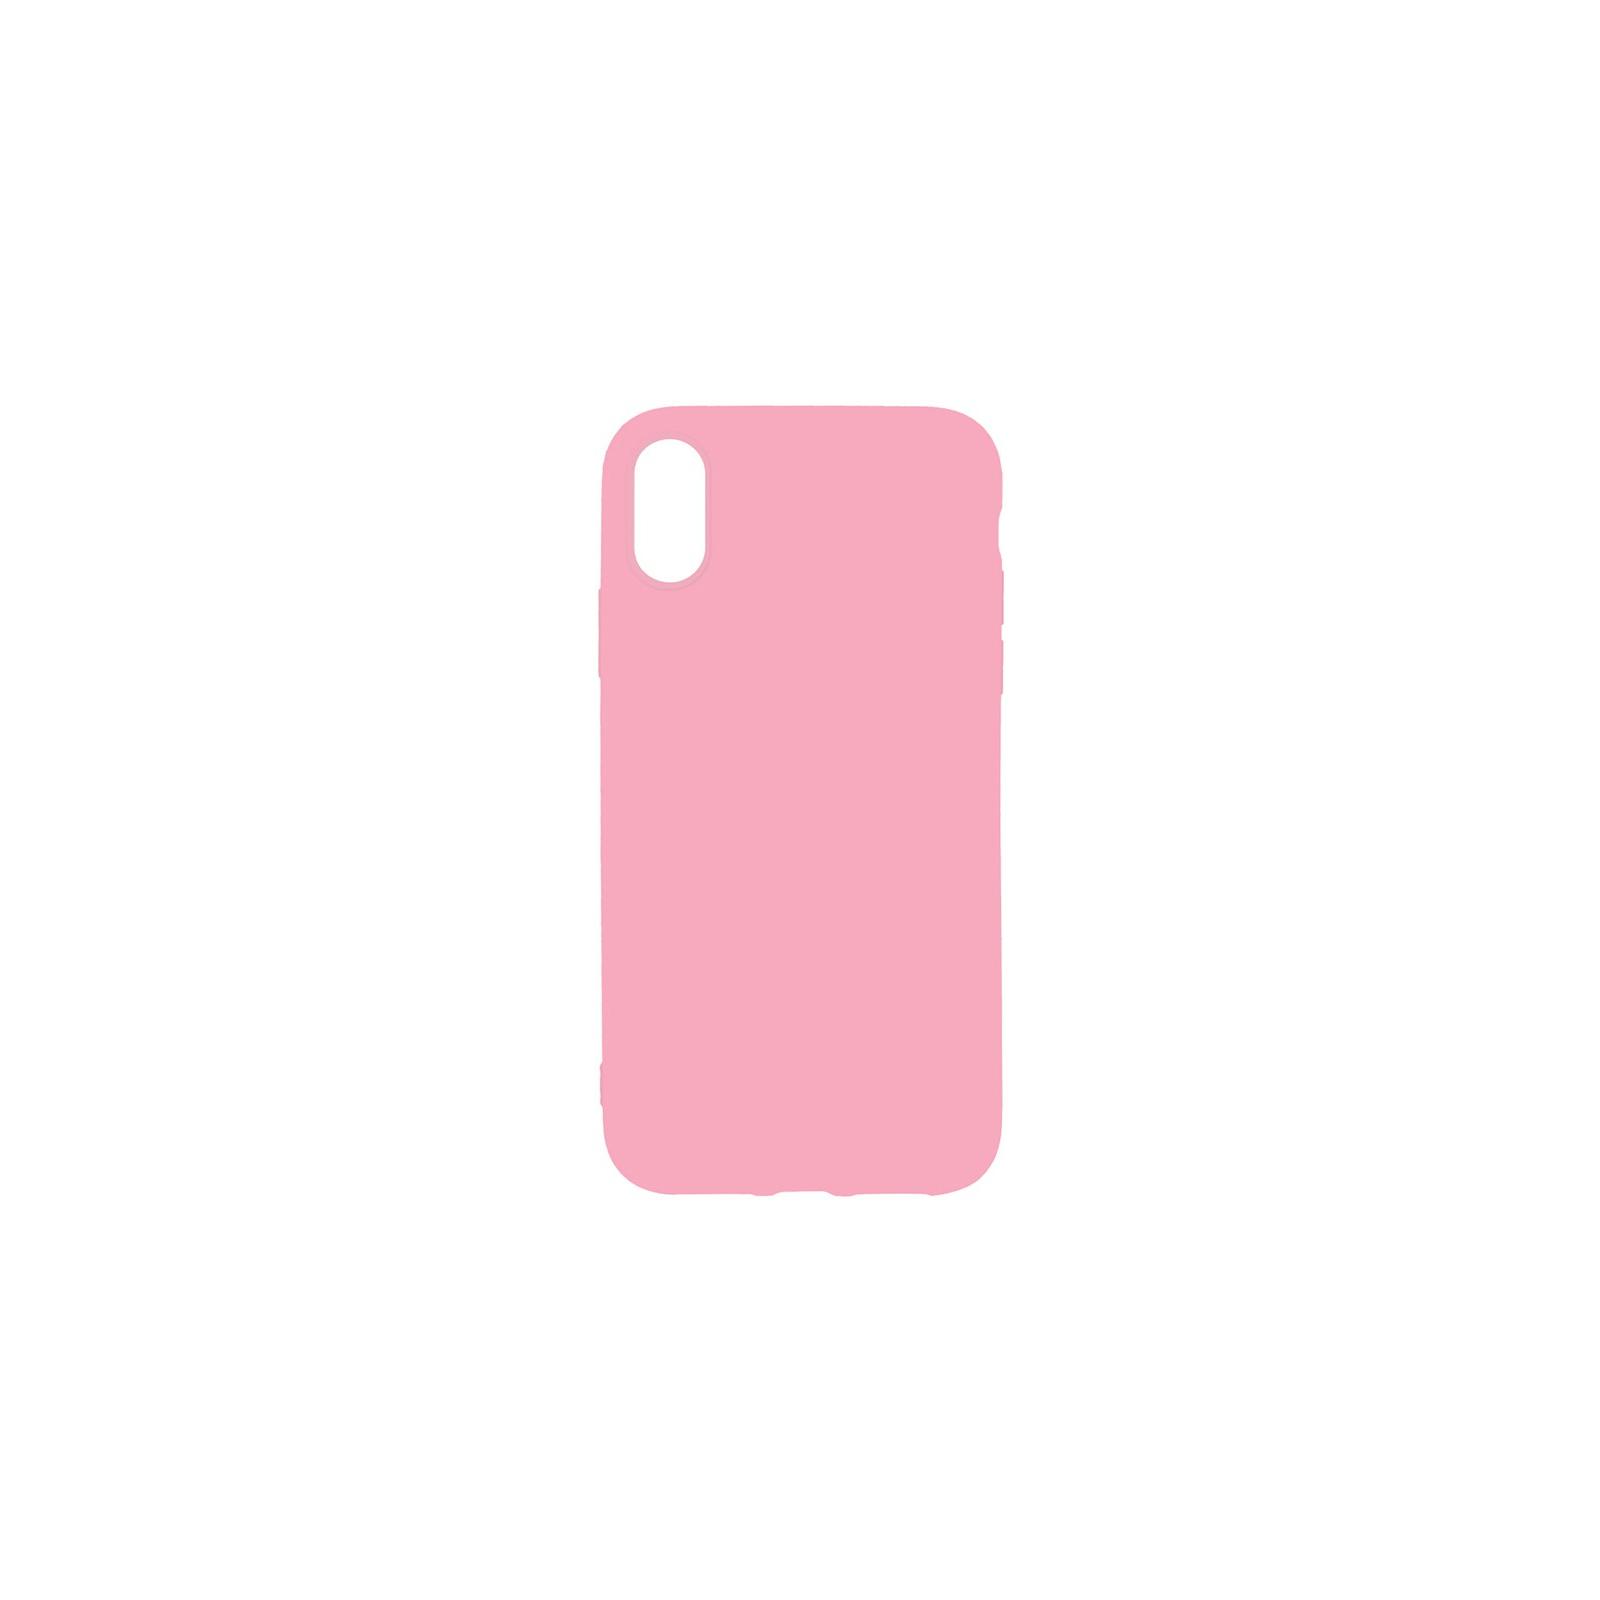 Чехол для моб. телефона Toto 1mm Matt TPU Case Apple iPhone X/XS Pink (F_93968)